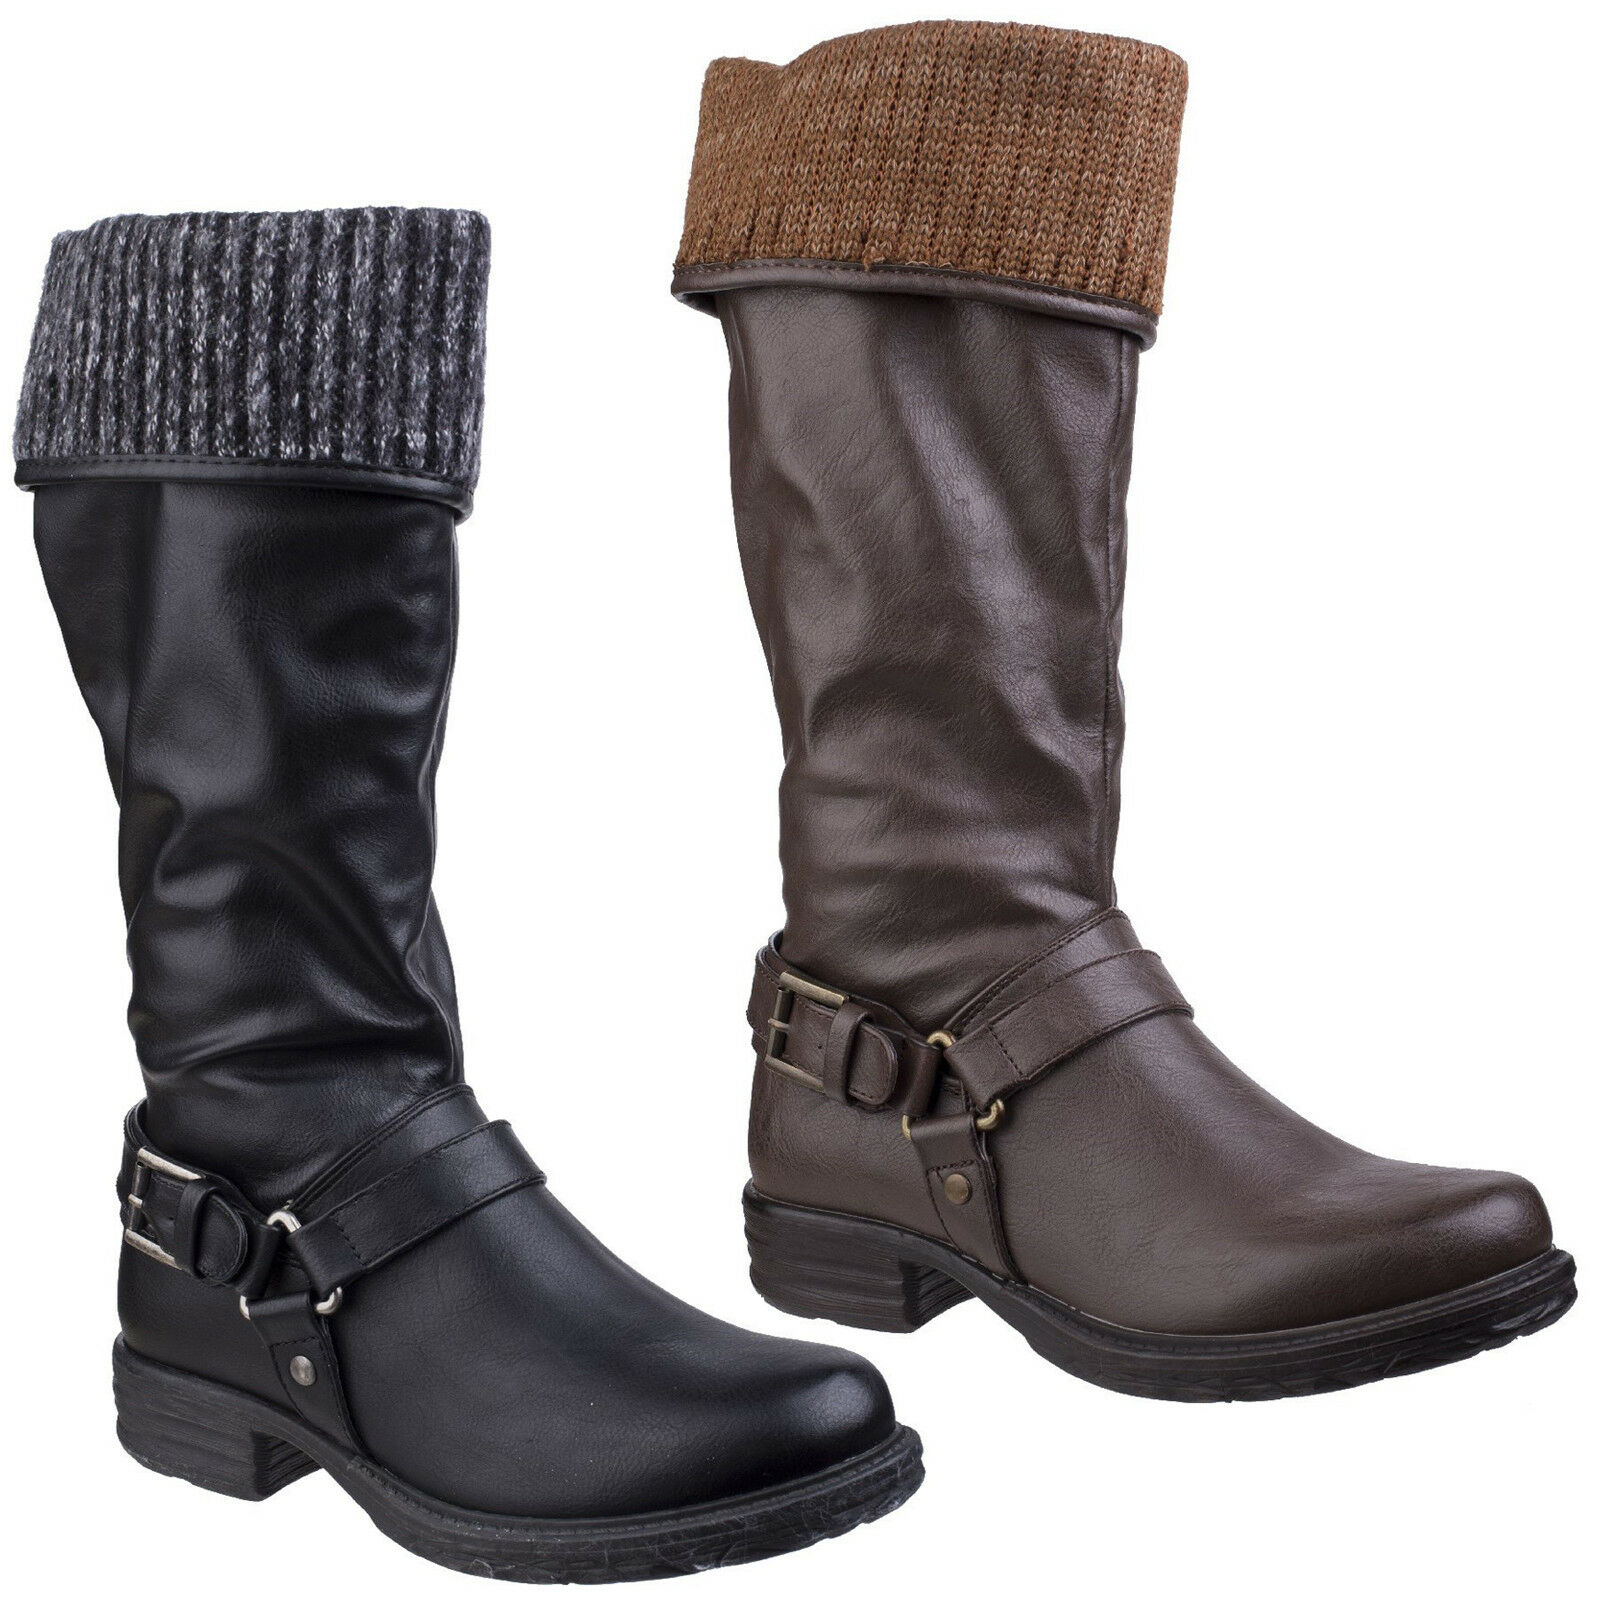 Divaz Monroe Alto botas Largas Cremallera Cremallera Cremallera Hasta Tacón Alto Zapatos De Mujer De Moda Para Damas  compras online de deportes